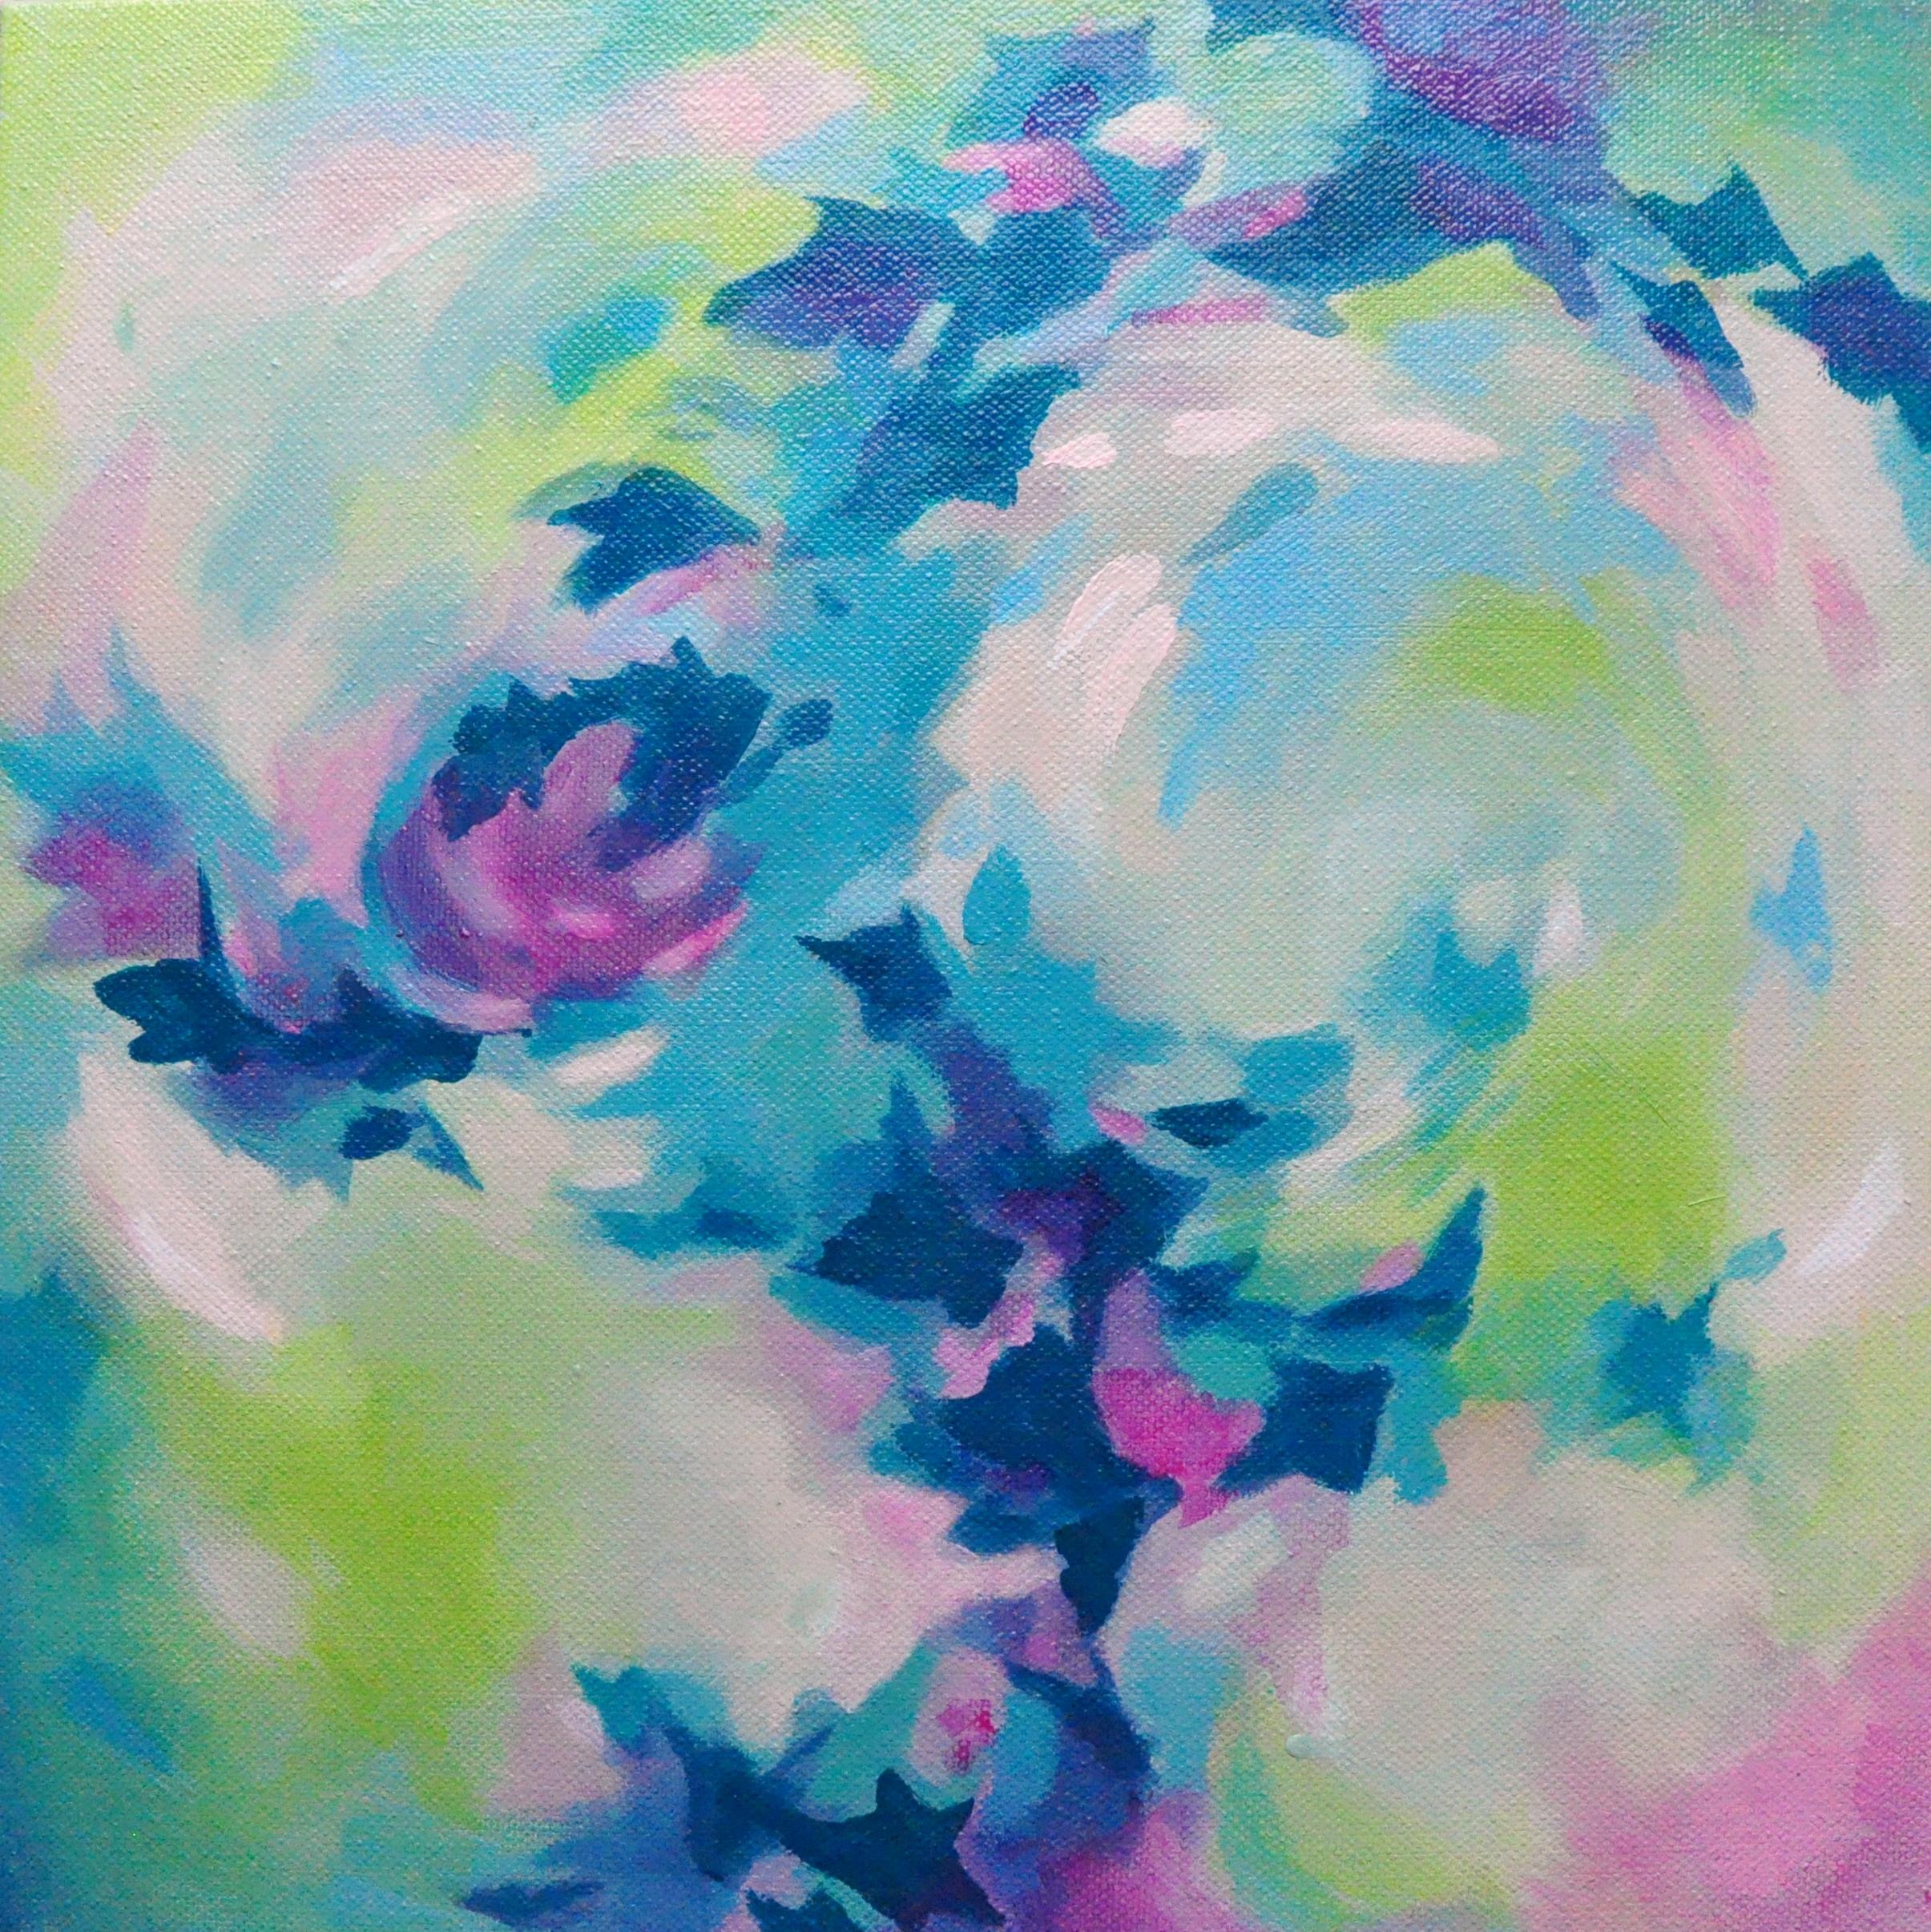 Swirling Souls